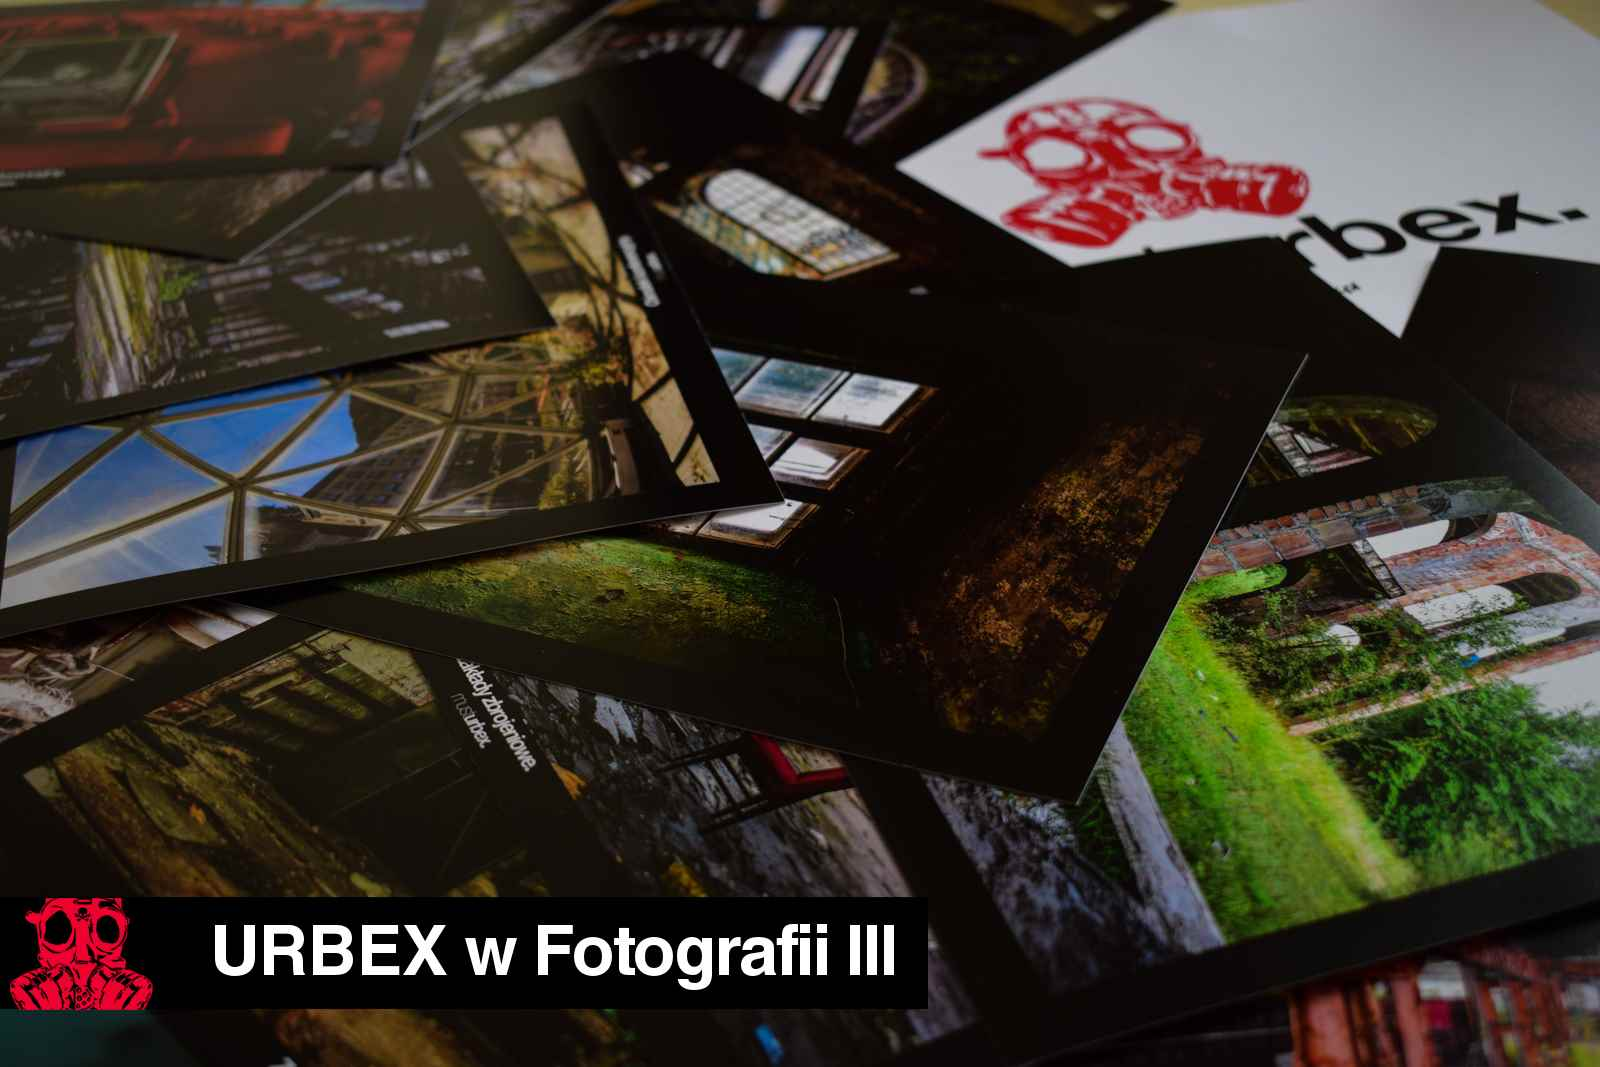 URBEX w Fotografii III URBEX wystawa URBEX FOTO URBEX photo